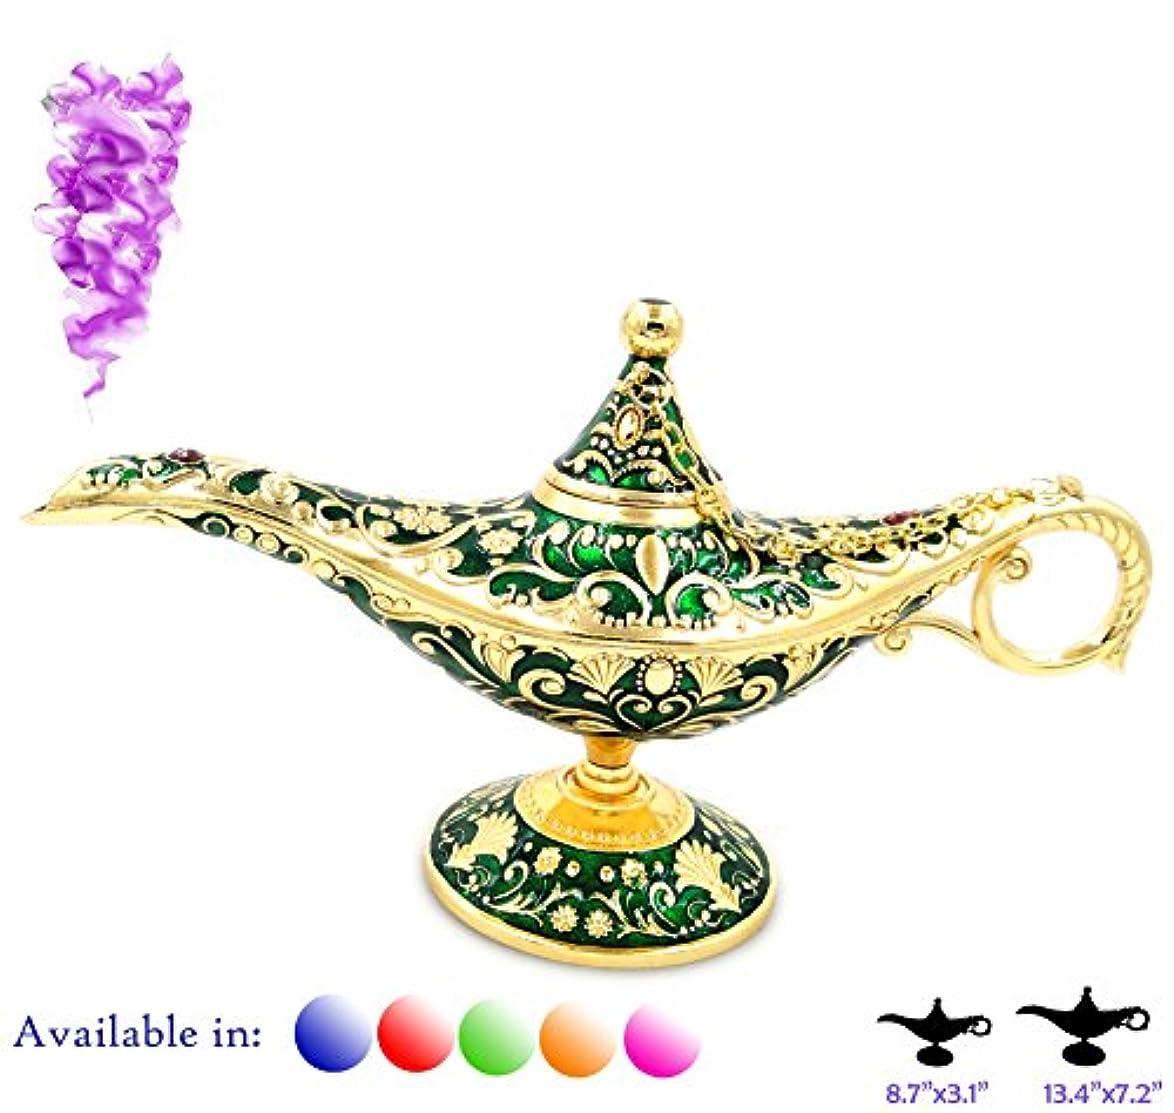 継続中むき出し発行する凡例Aladdin Magic Genieライトランプポットクラシックカラー真鍮Aladdin Genie Lamps Incense Burners Normal 8.7x3.1